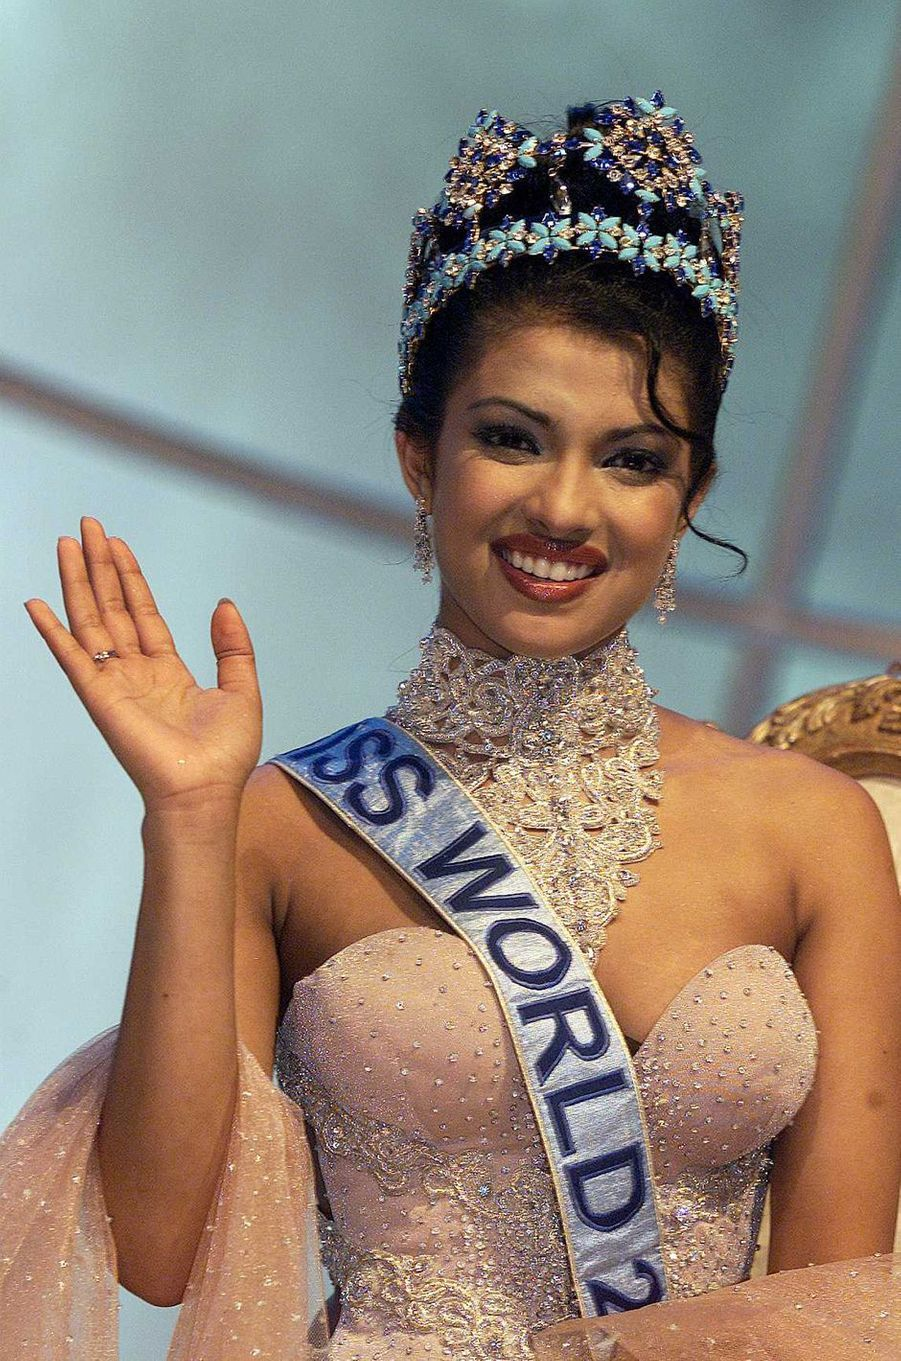 Priyanka Chopra, Miss Monde 2000, lors de son couronnement auDôme du Millénaire de Londres le 30 novembre 2000